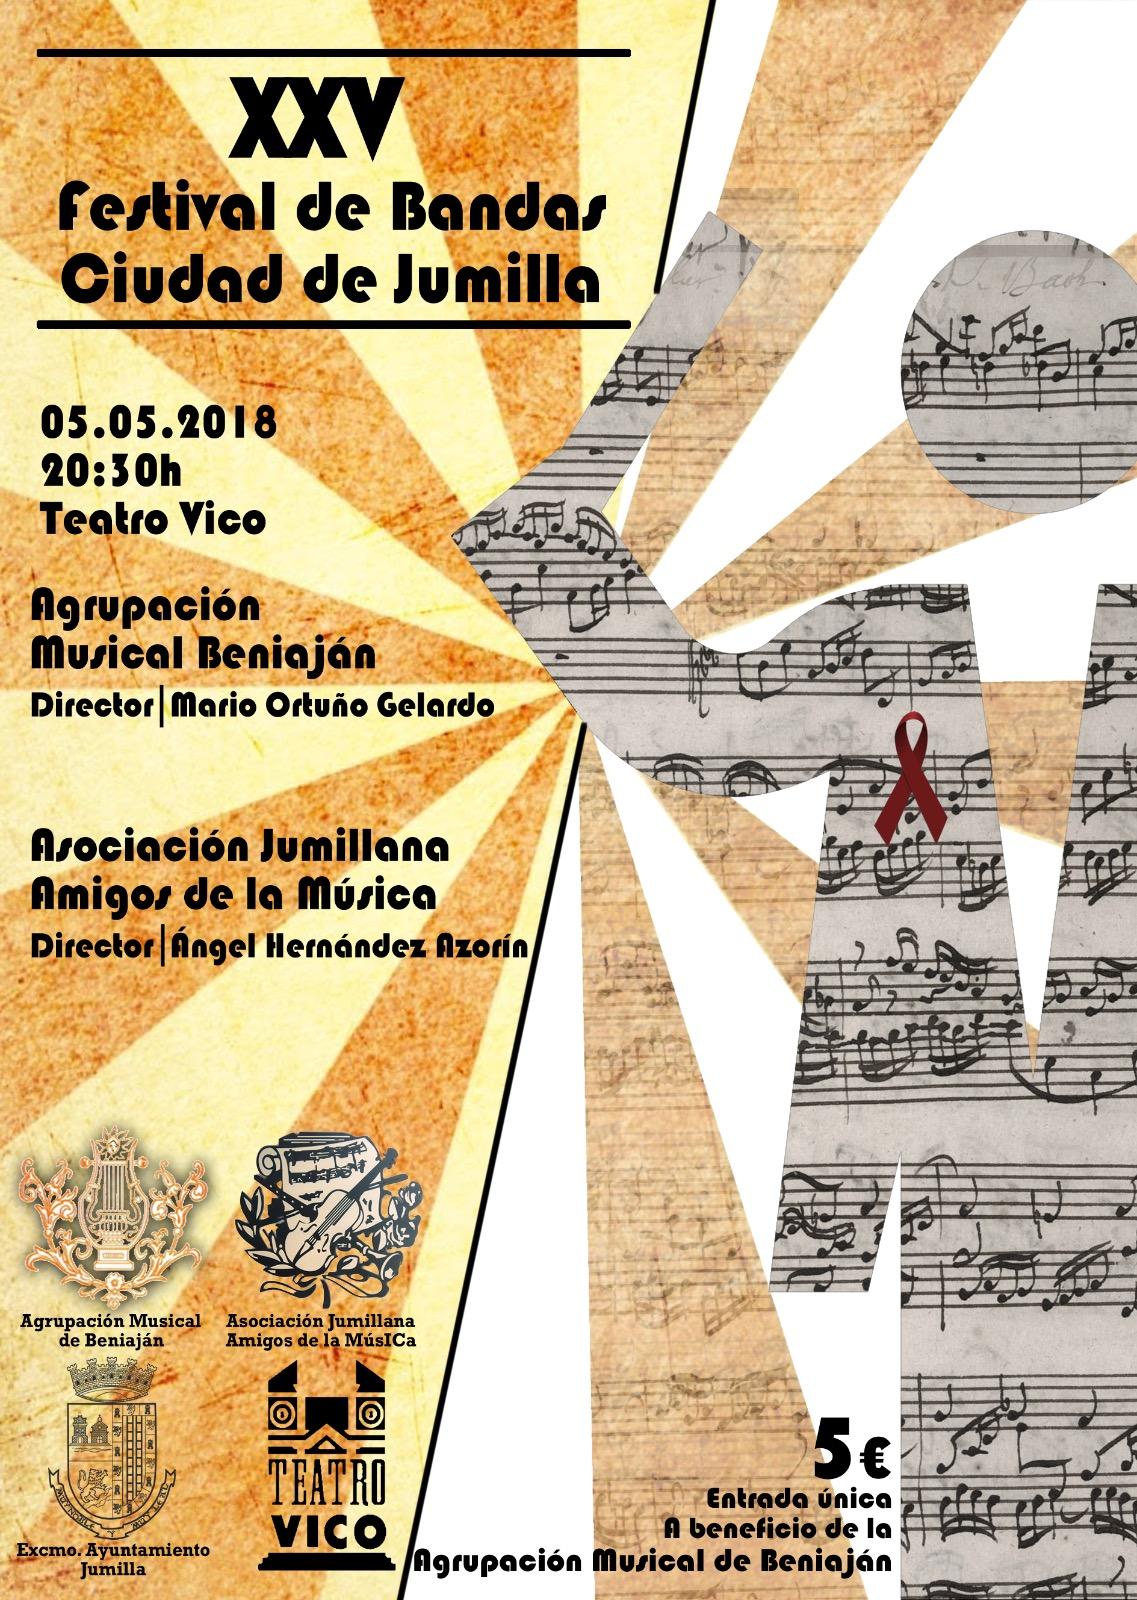 XXV Festival de Bandas Ciudad de Jumilla